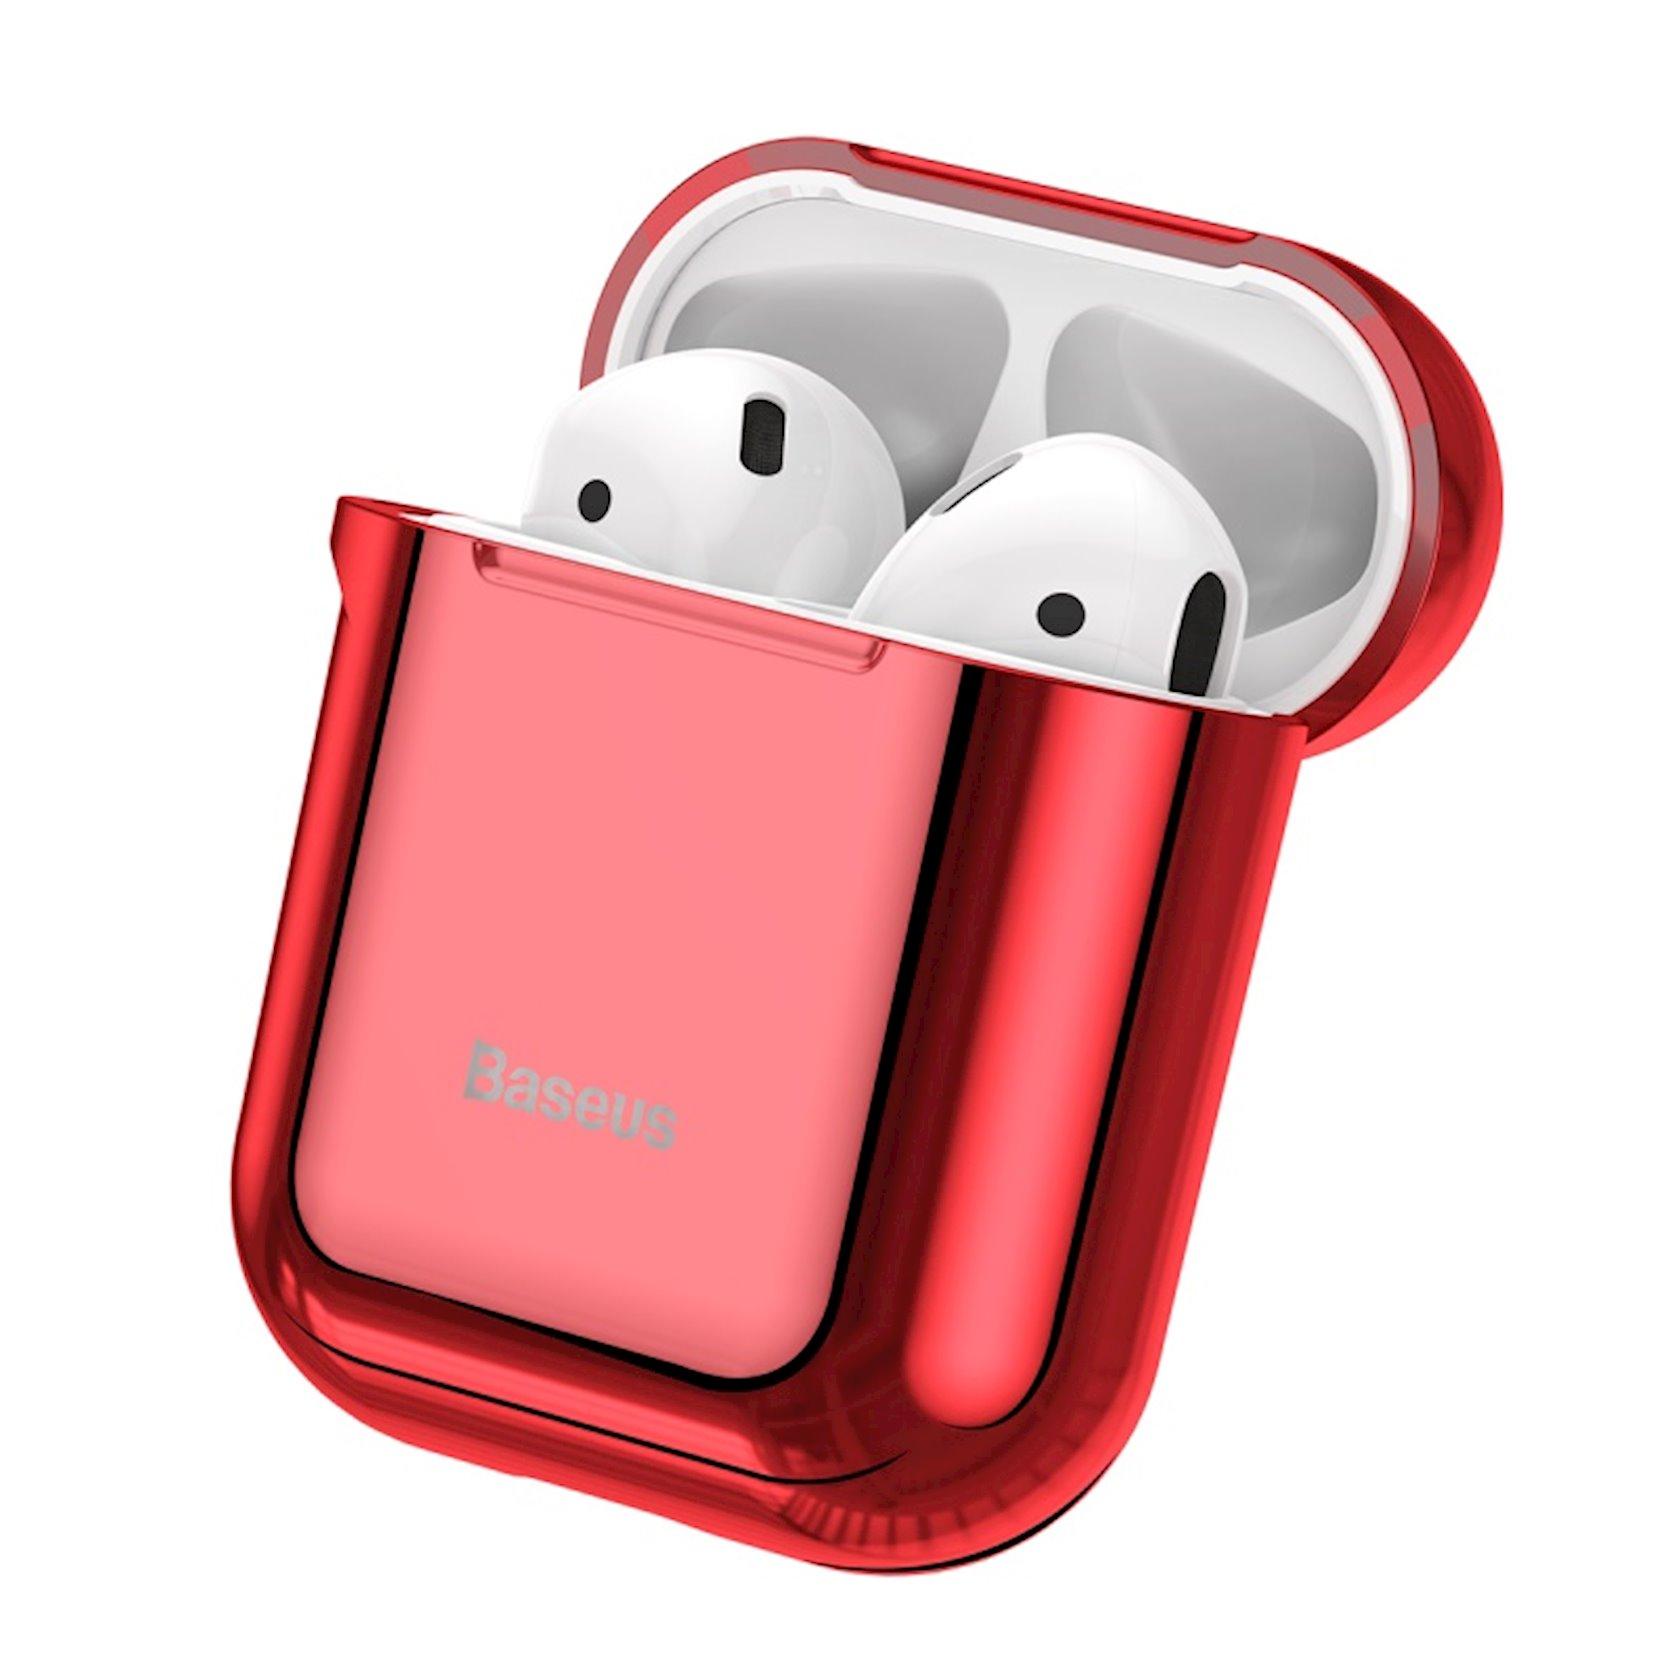 Çexol qulaqlıqlar üçün Baseus Shining Hook Case Apple Airpods 1/2 Red